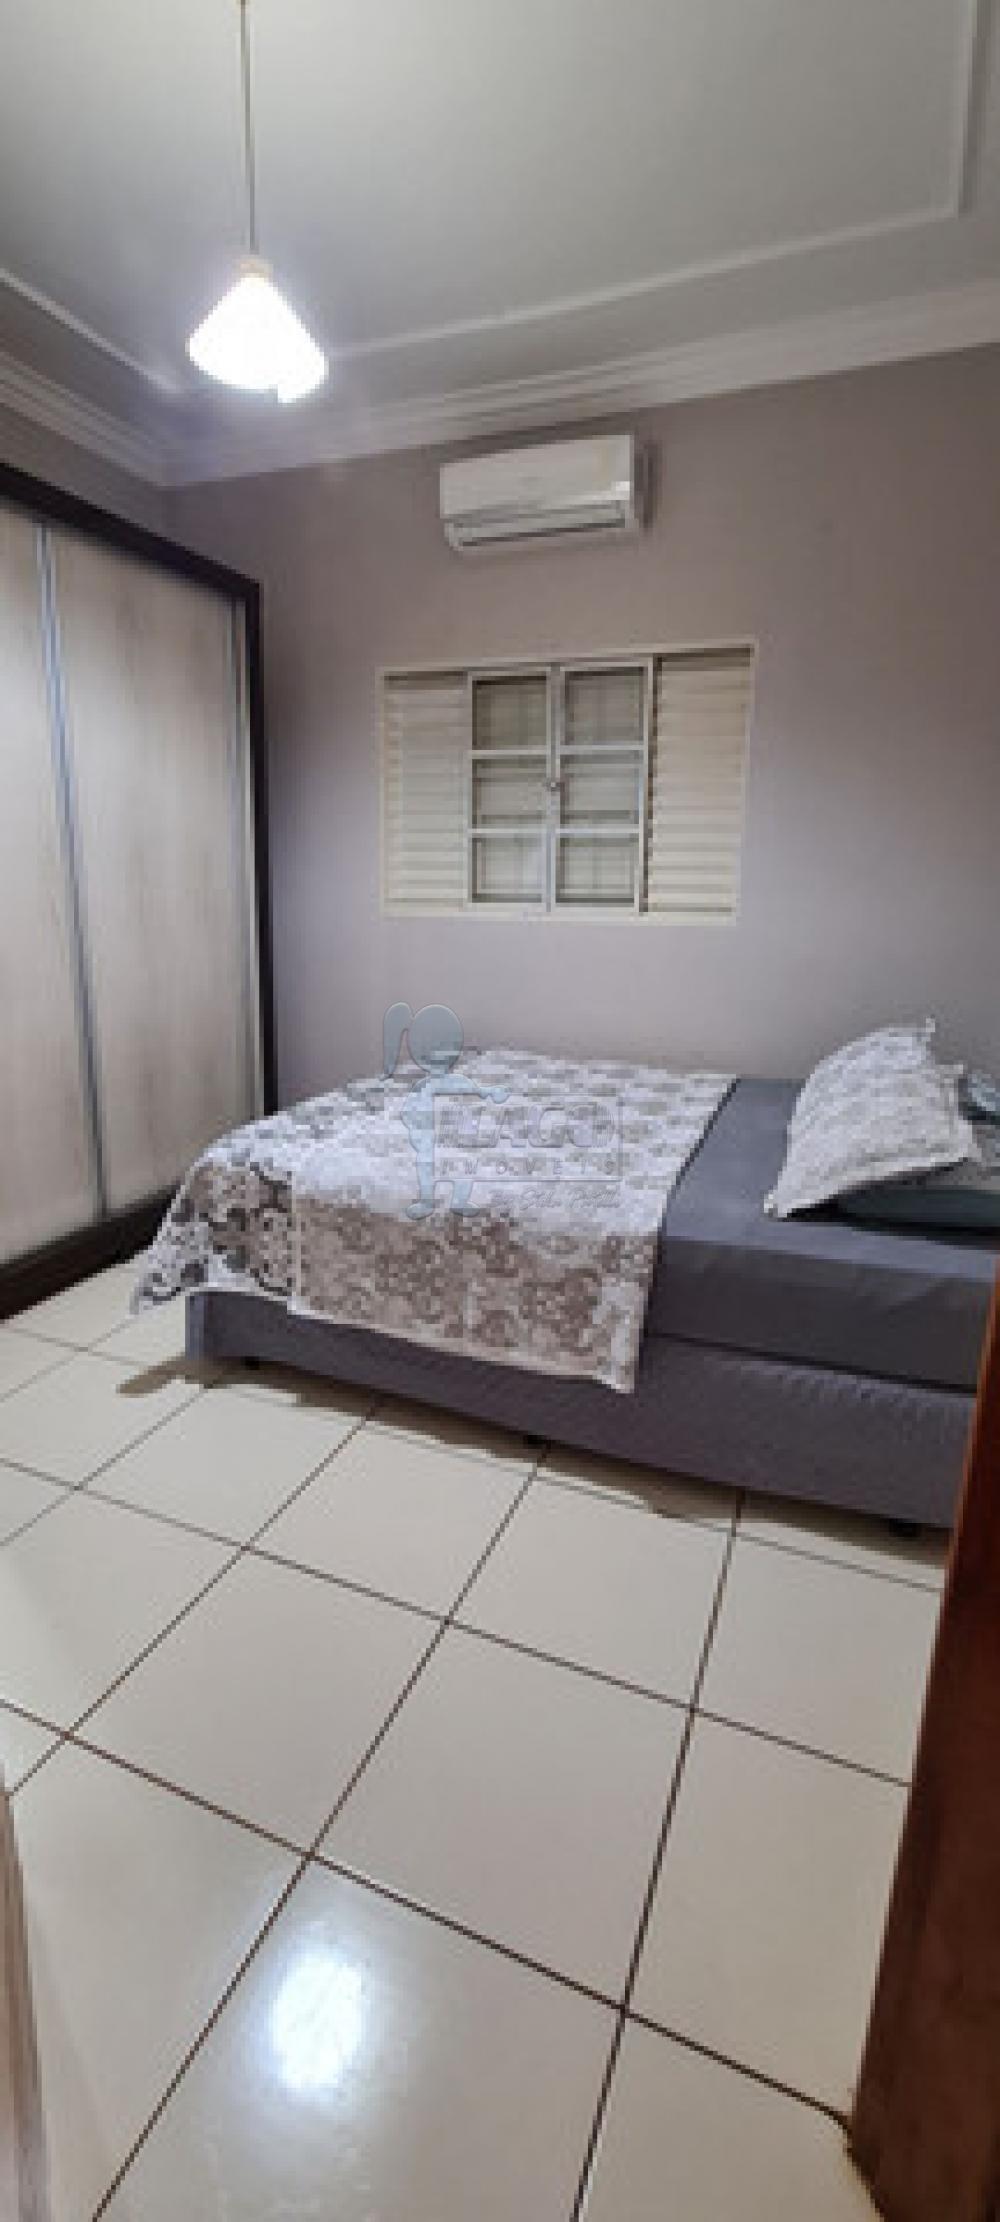 Comprar Casas / Padrão em Sertãozinho apenas R$ 270.000,00 - Foto 4